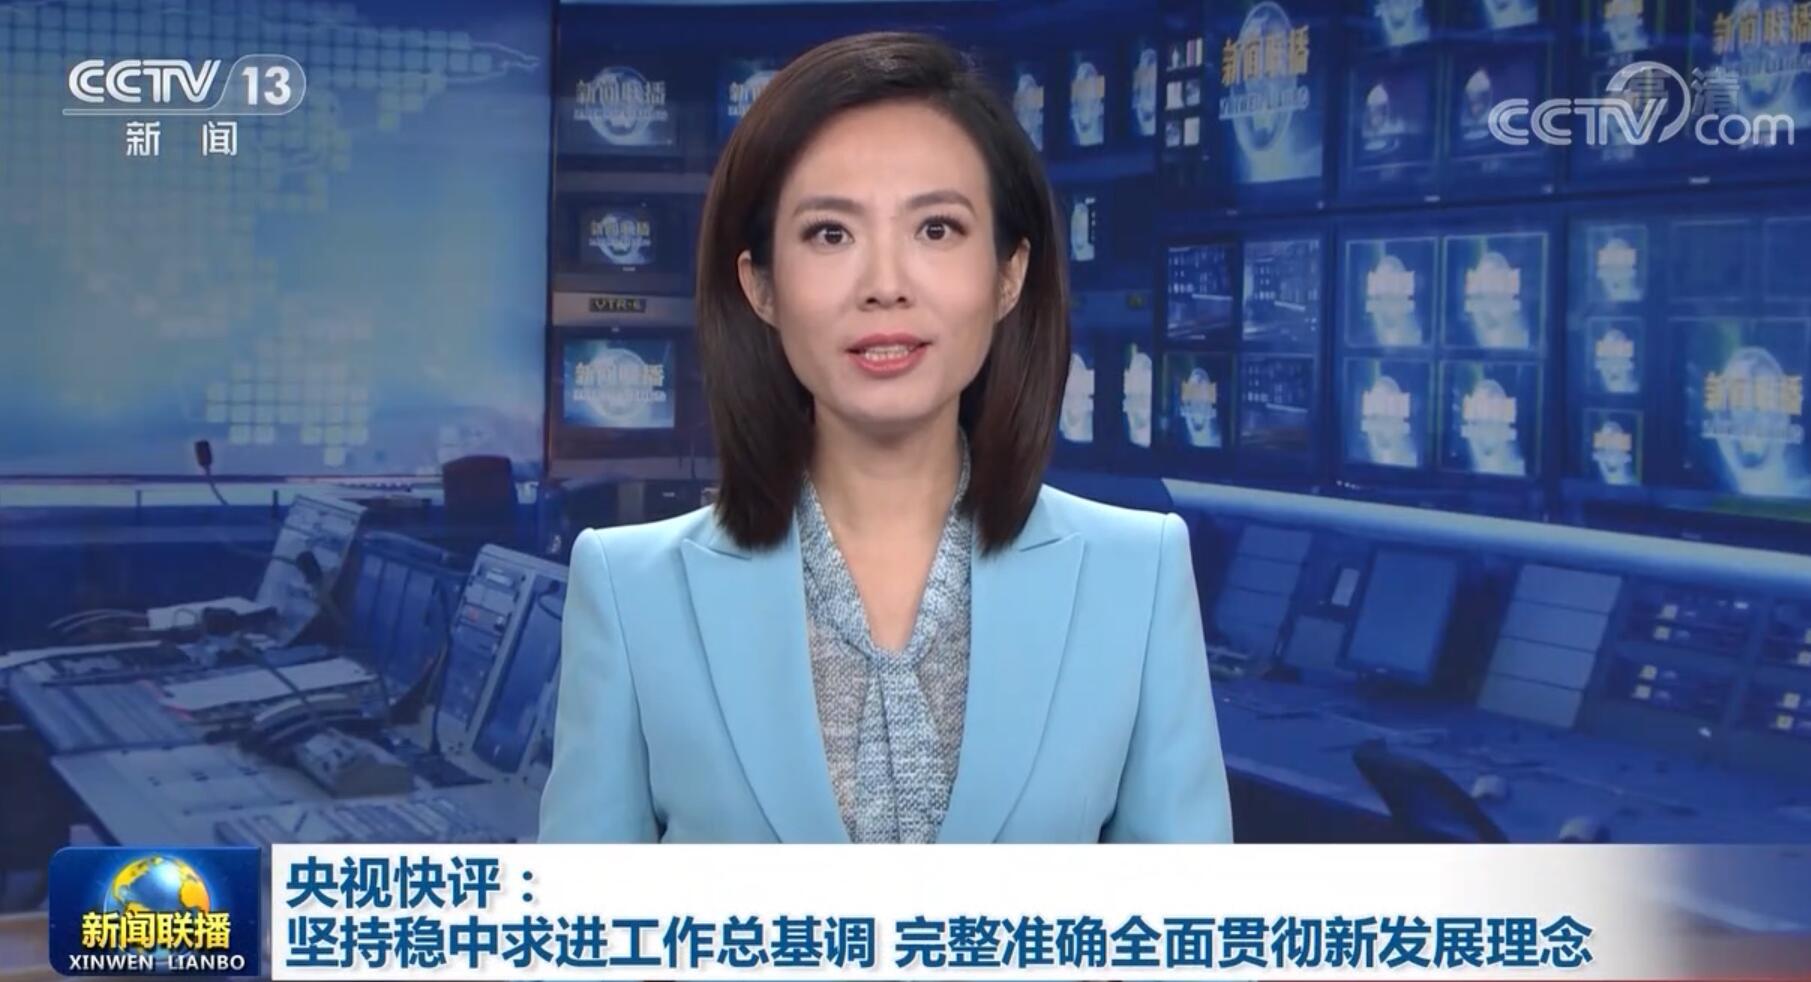 [视频]央视快评:坚持稳中求进工作总基调 完整准确全面贯彻新发展理念